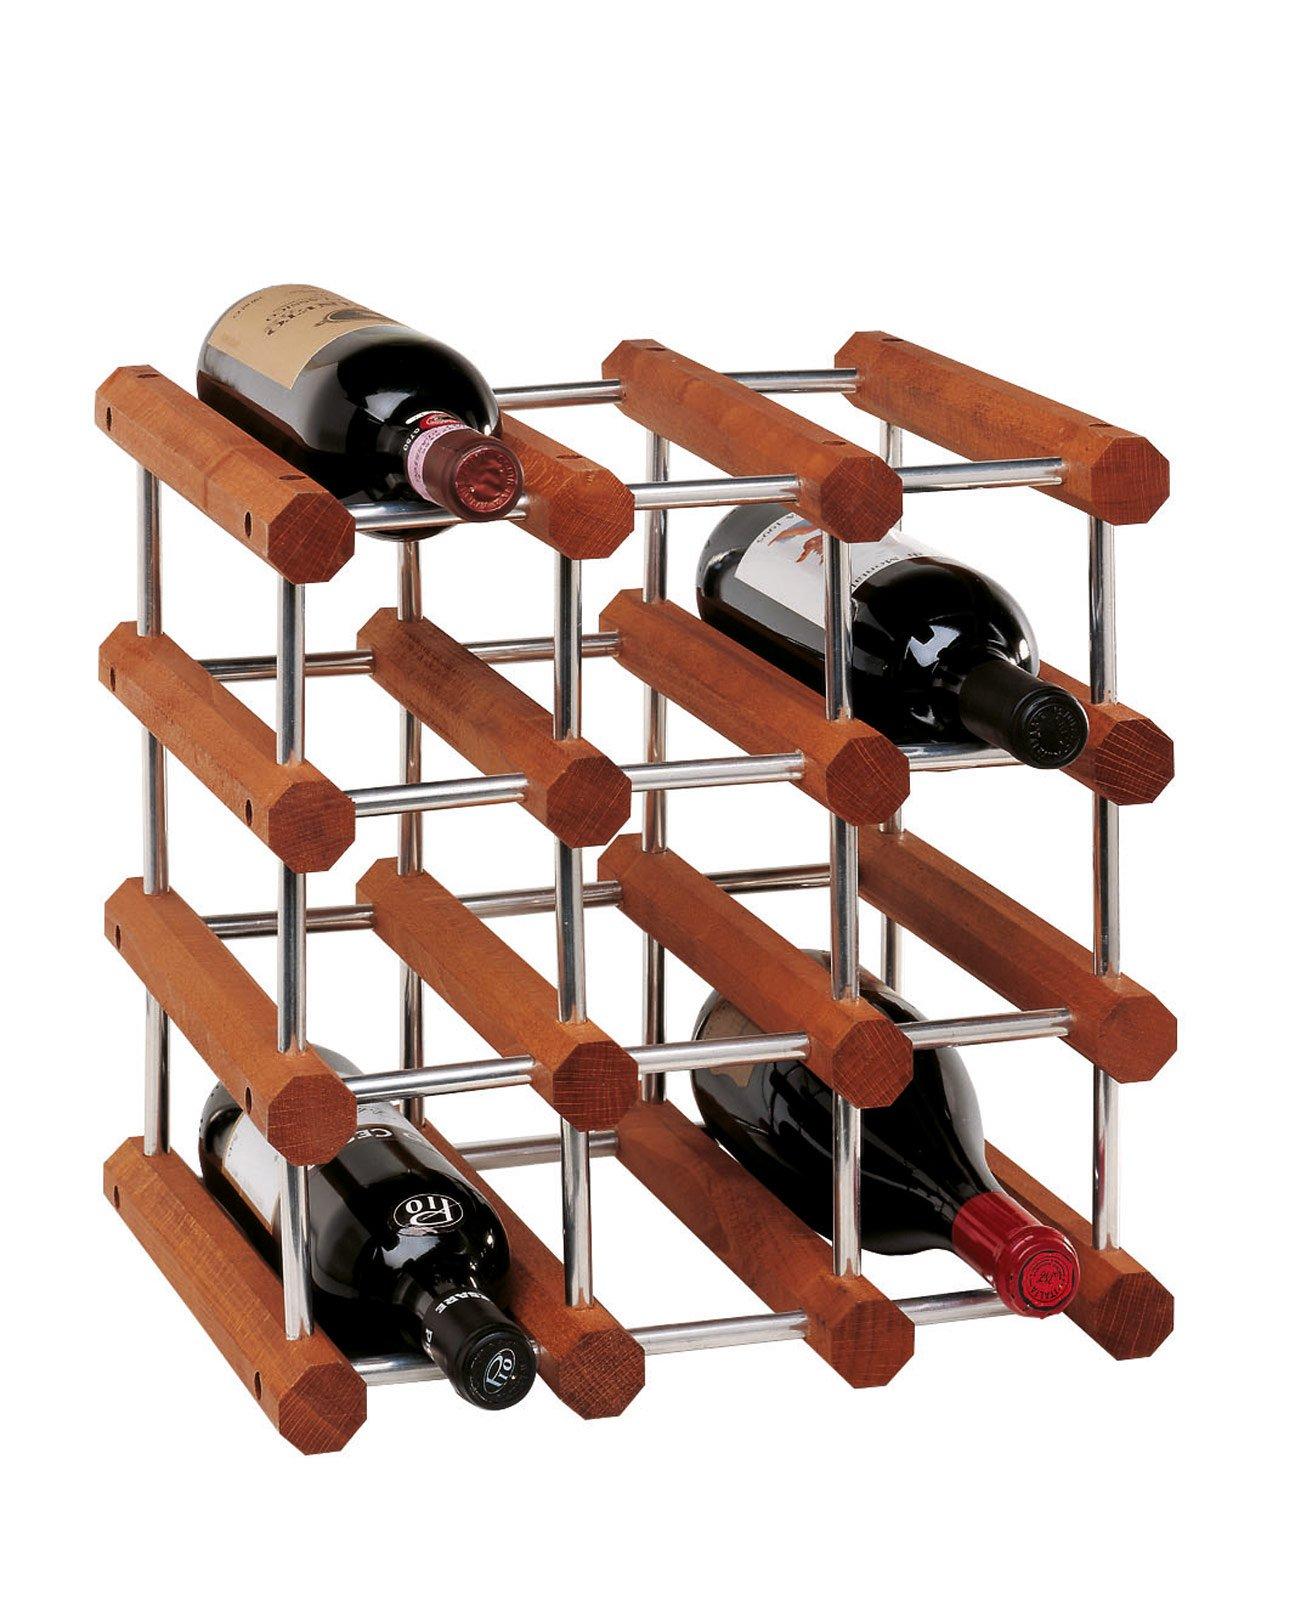 Portabottiglie belli da lasciare a vista cose di casa for Portabottiglie vino fai da te